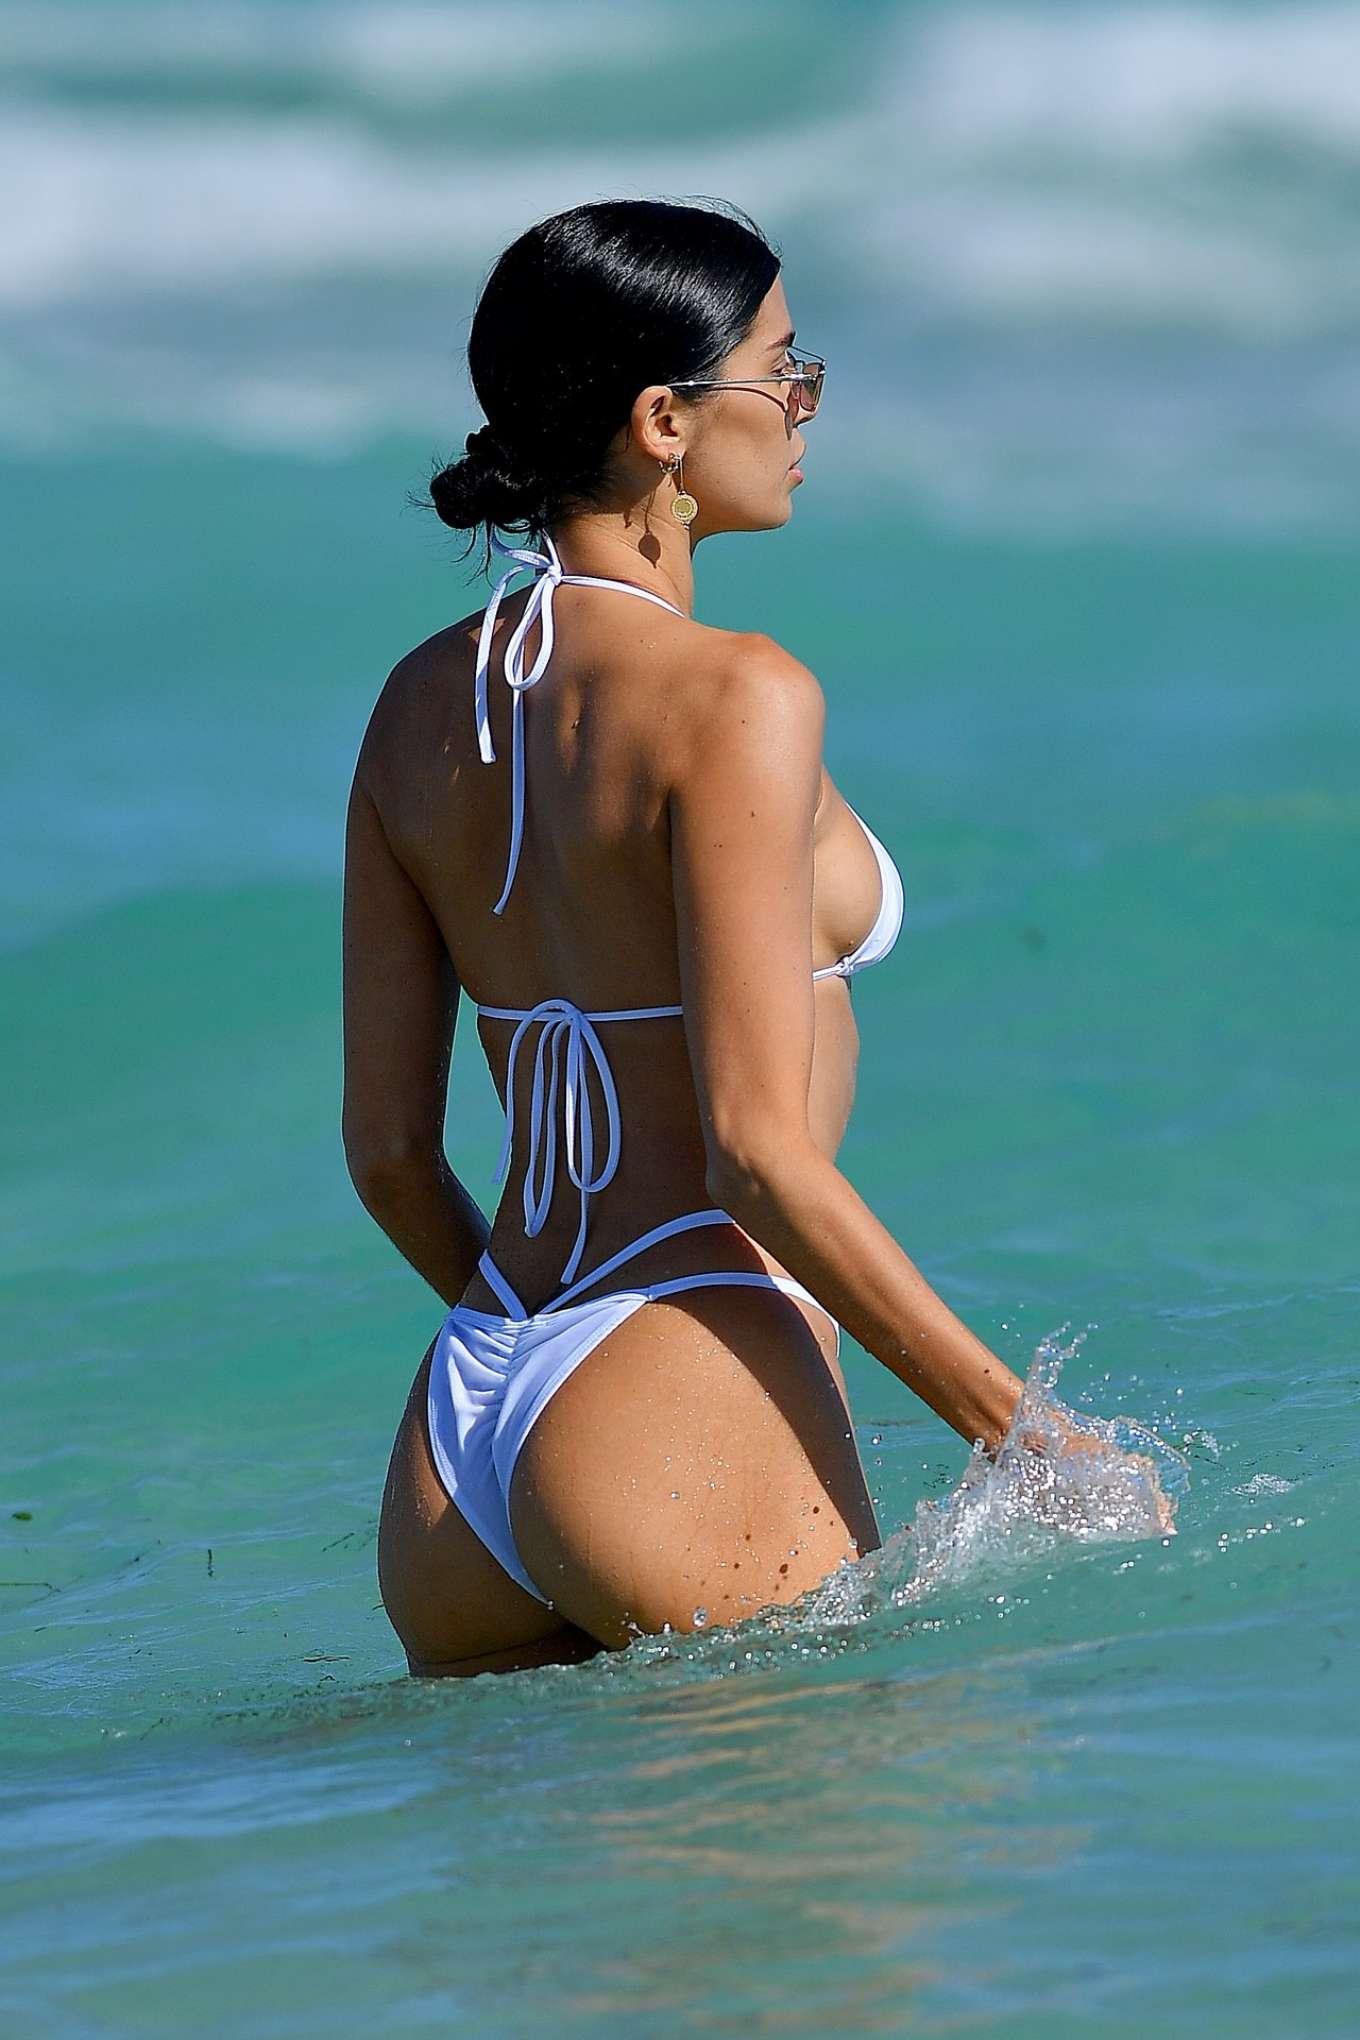 beach-bikini-galleries-what-is-anima-porn-called